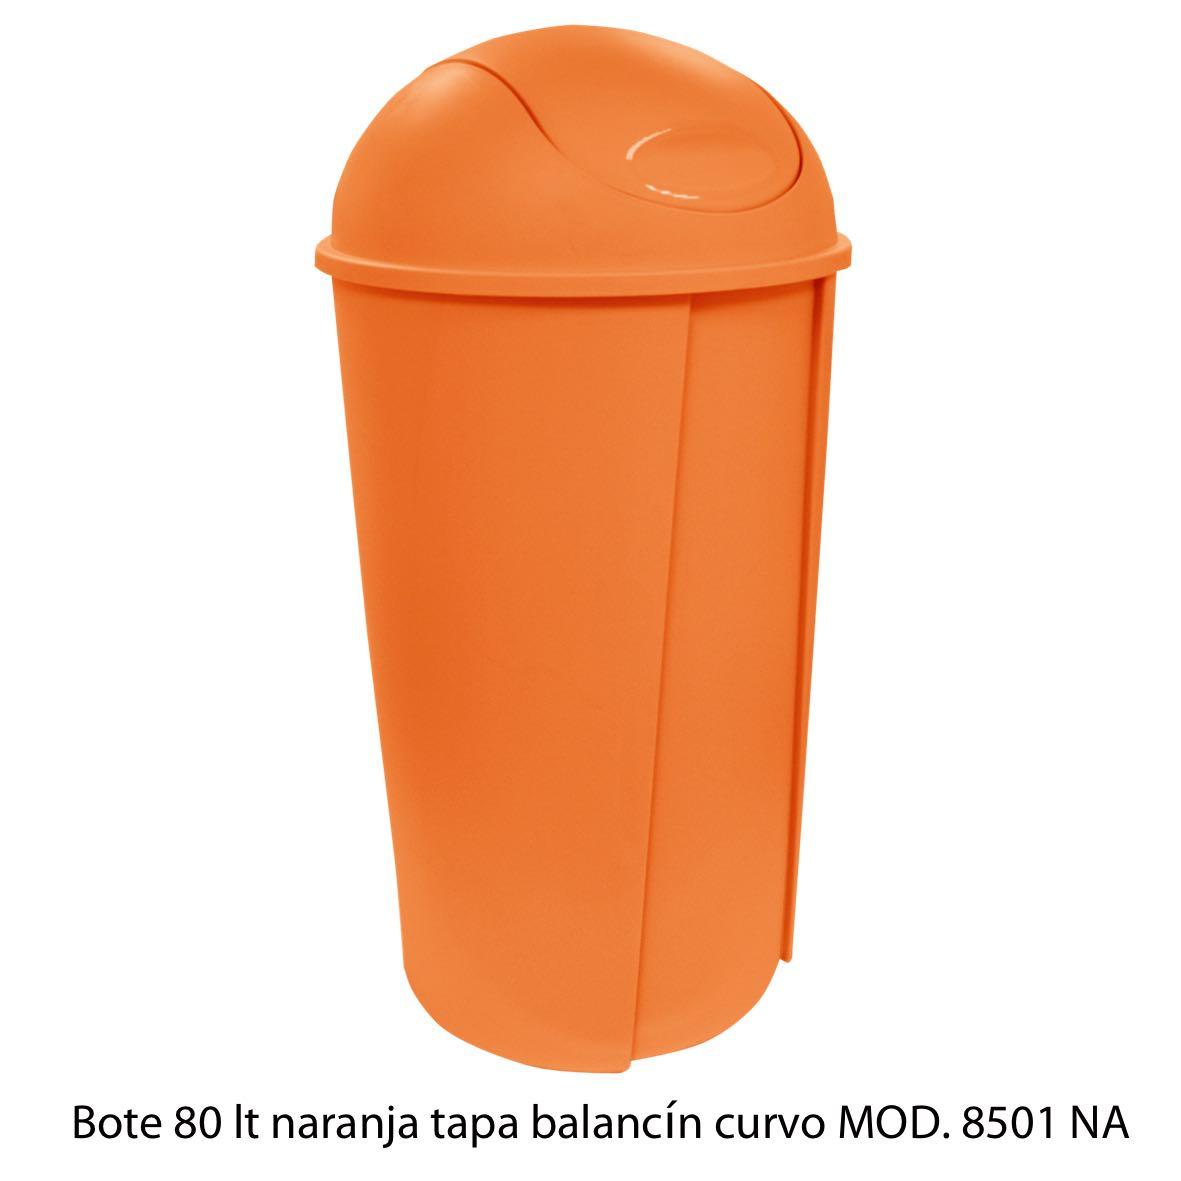 Bote de bausra de 80 litros con tapa balancín curvo color naranja modelo 8501 NA Sablón